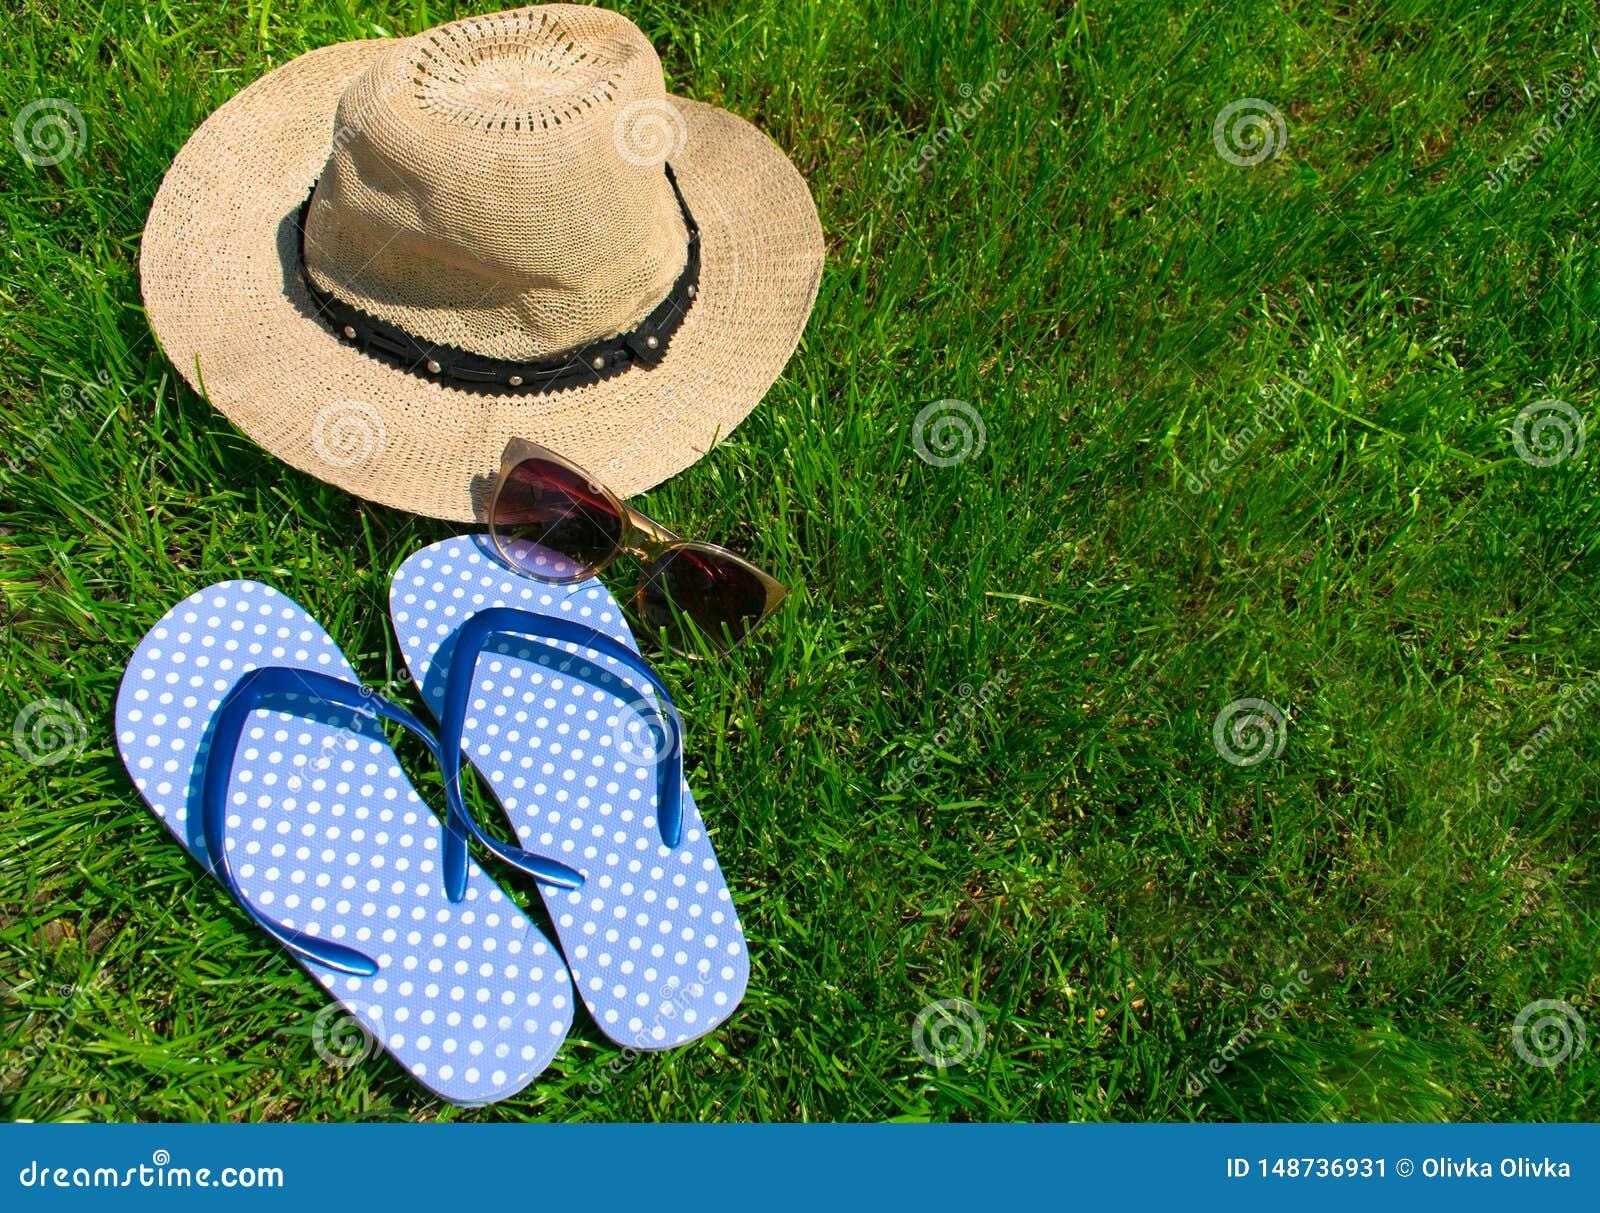 Blue flip flops and summer hat on green grass.